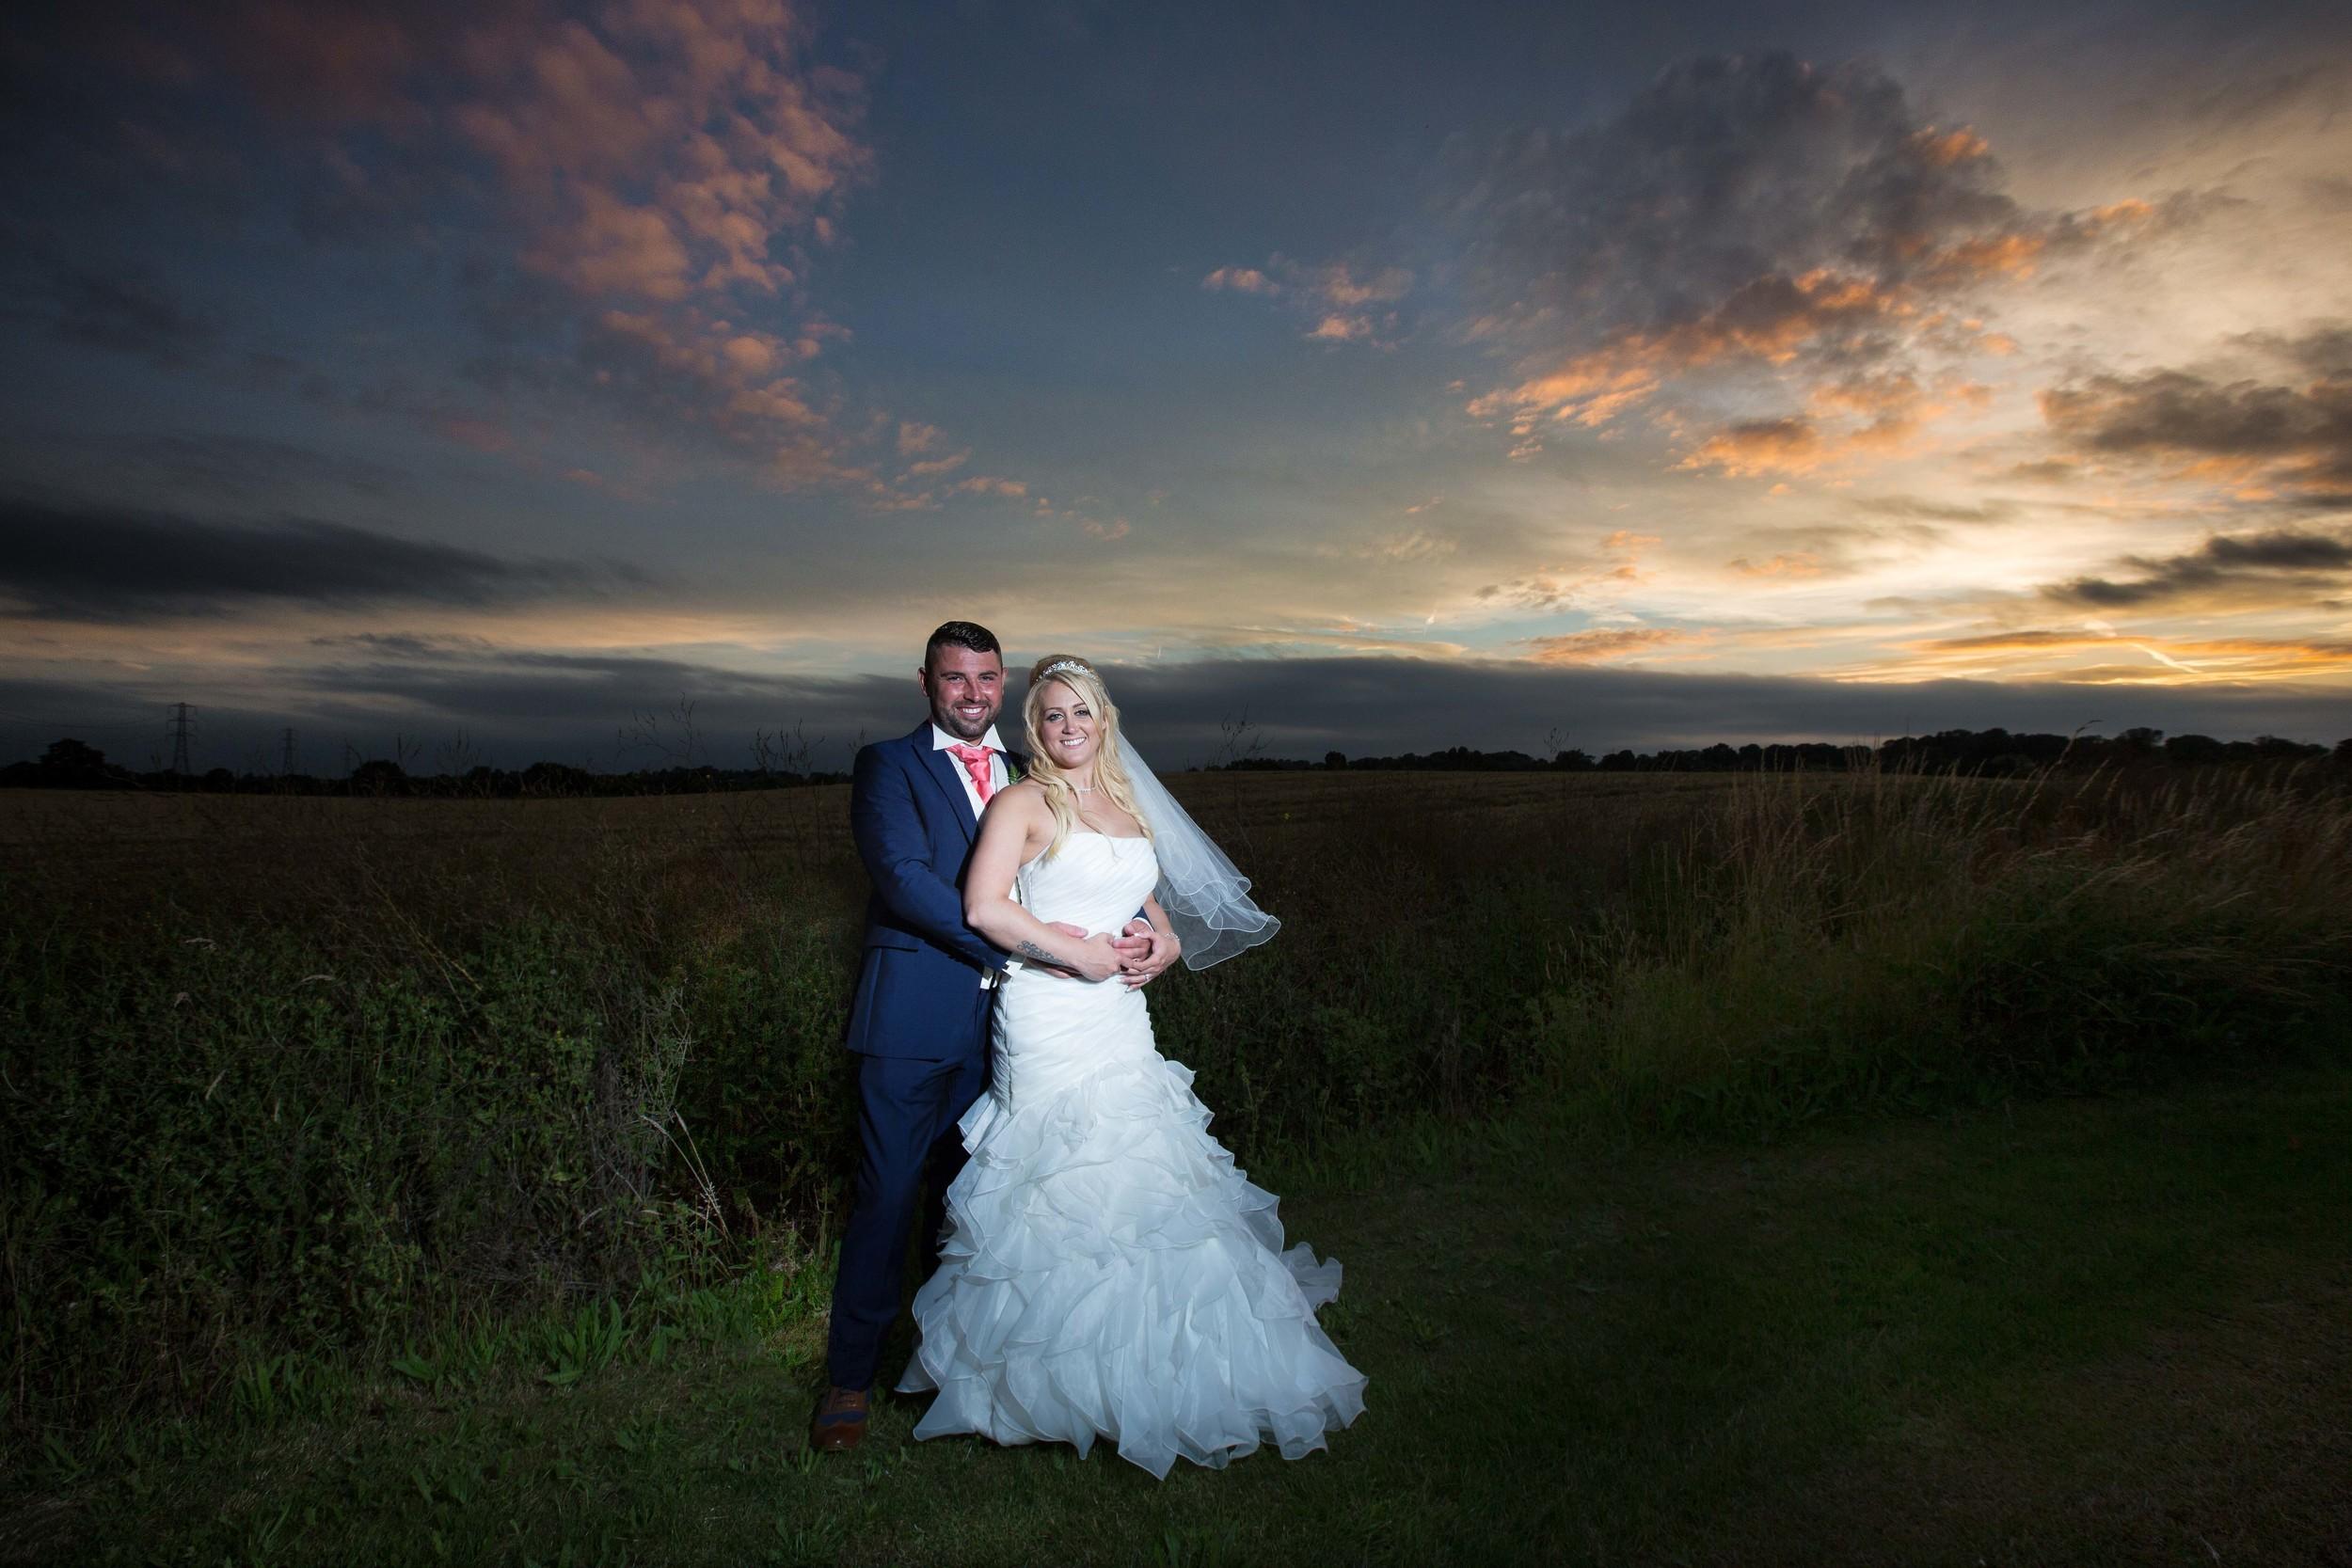 Essex-countryside-wedding-sunset-1